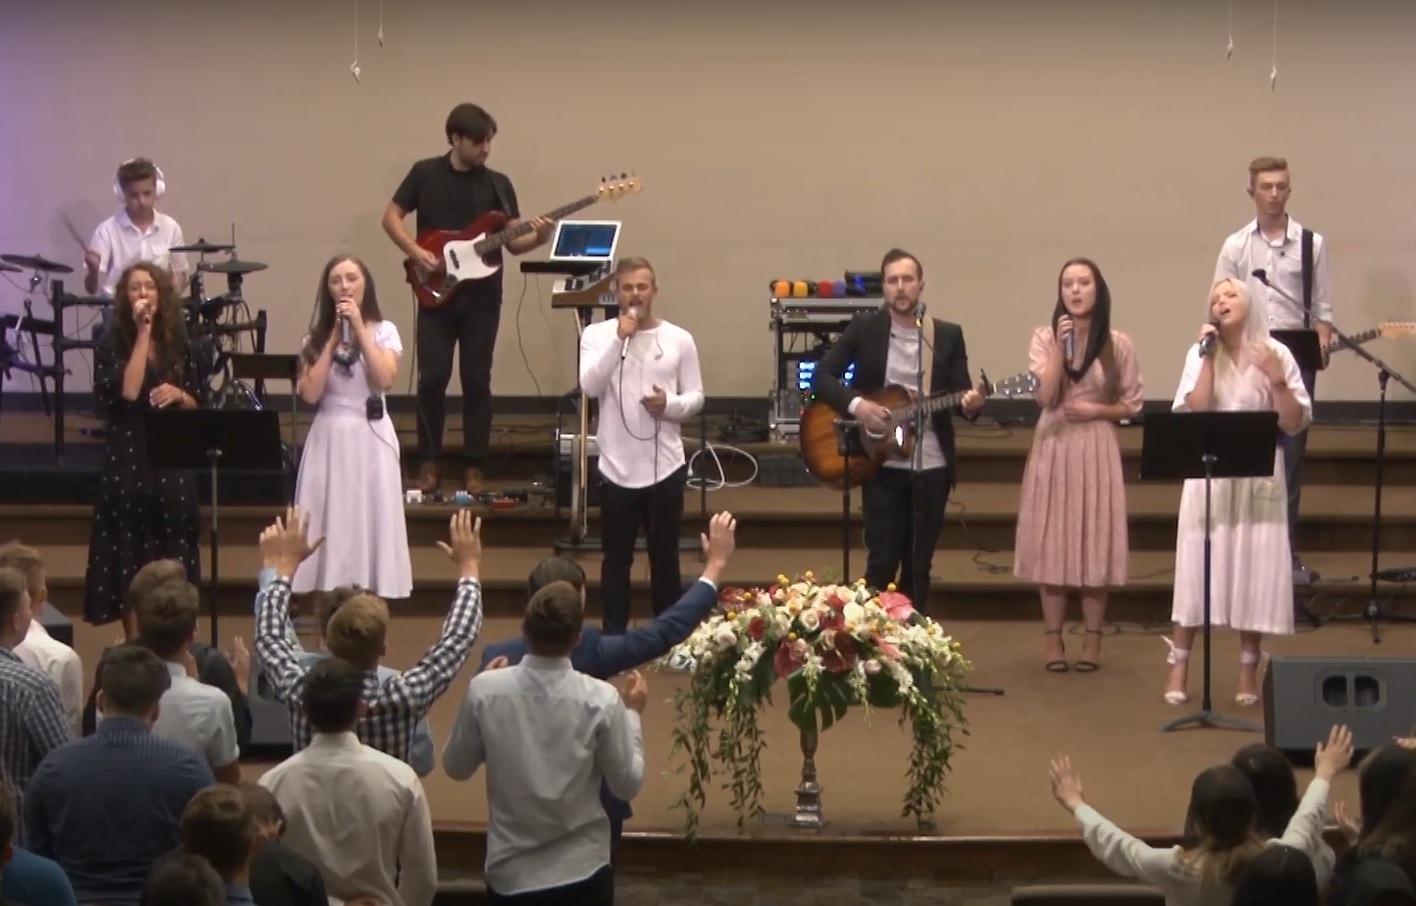 prayer, worship, raised hands in praise